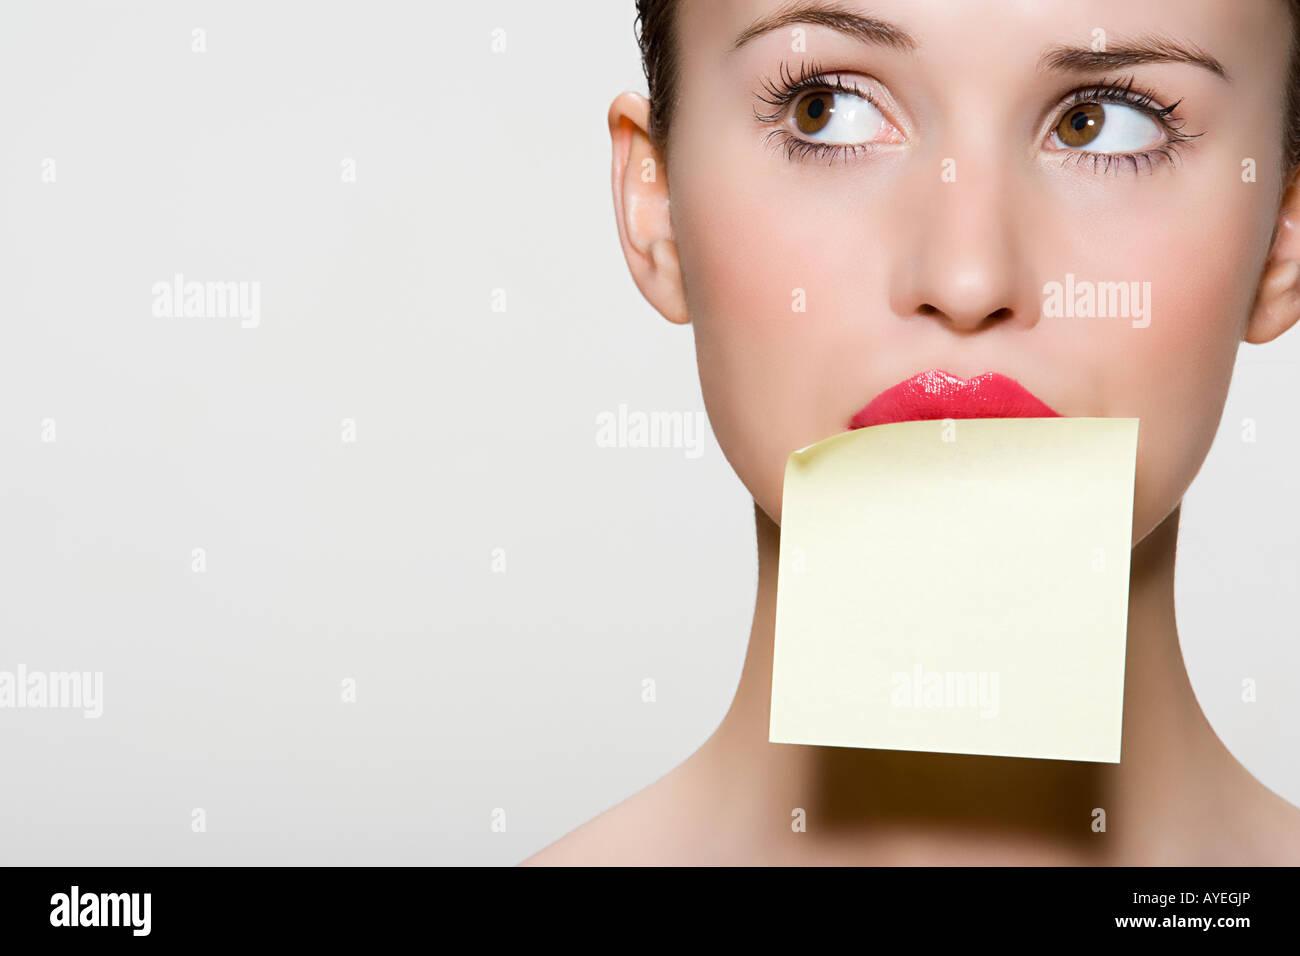 Frau mit Klebstoff Hinweis auf ihren Mund Stockfoto, Bild: 17084253 ...